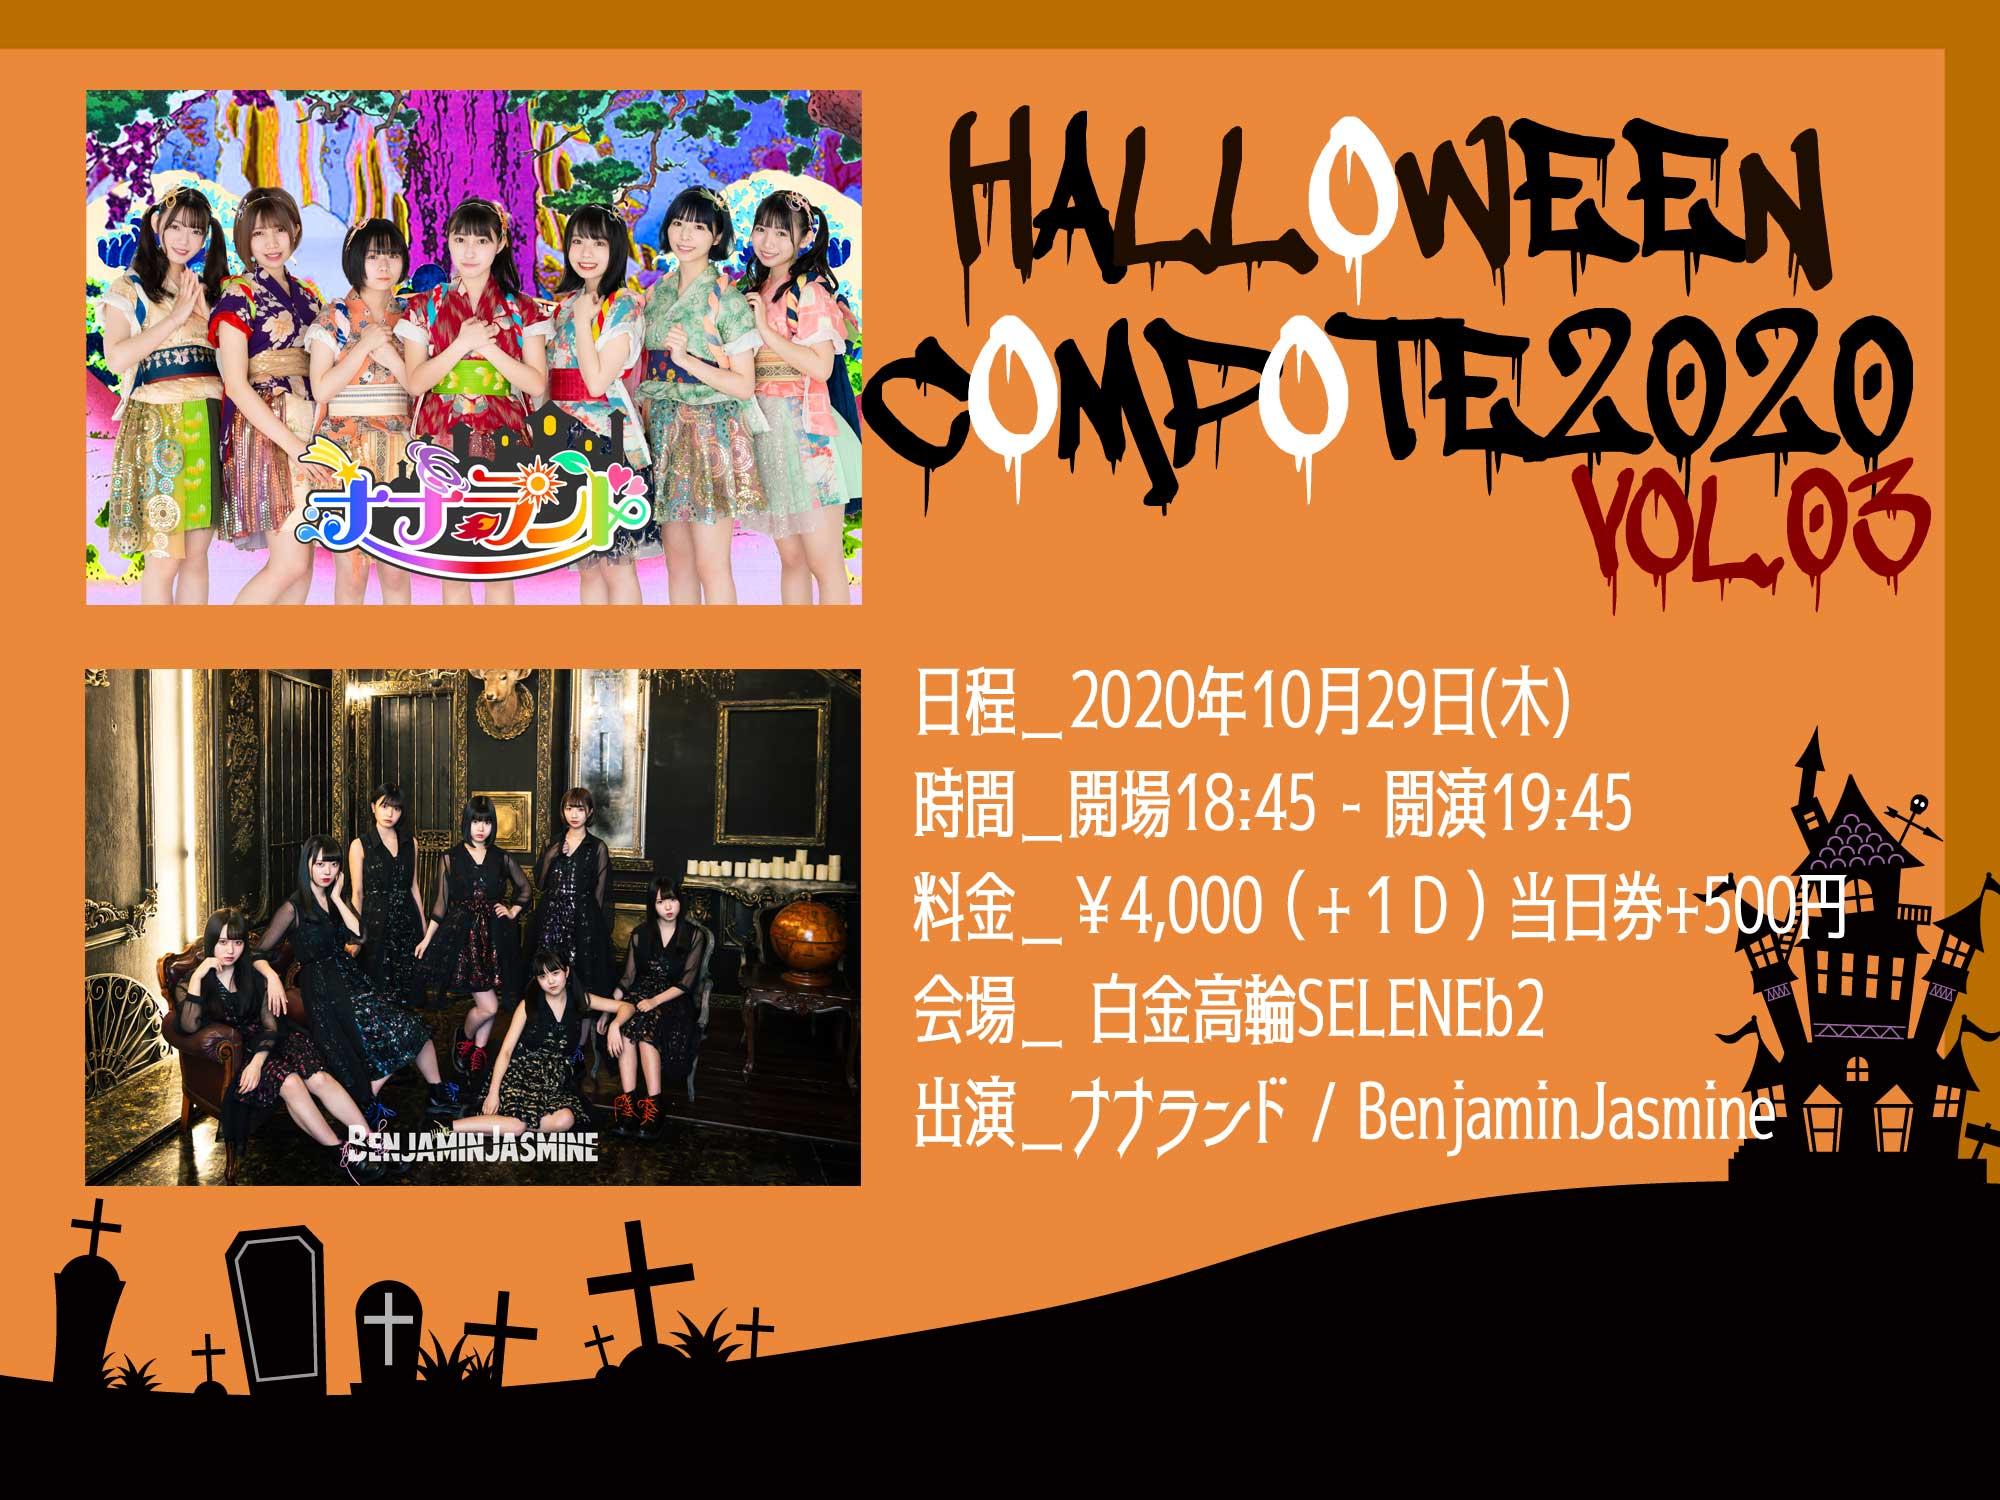 10月29日(木)ハロウィンコンポート 2020 vol.03